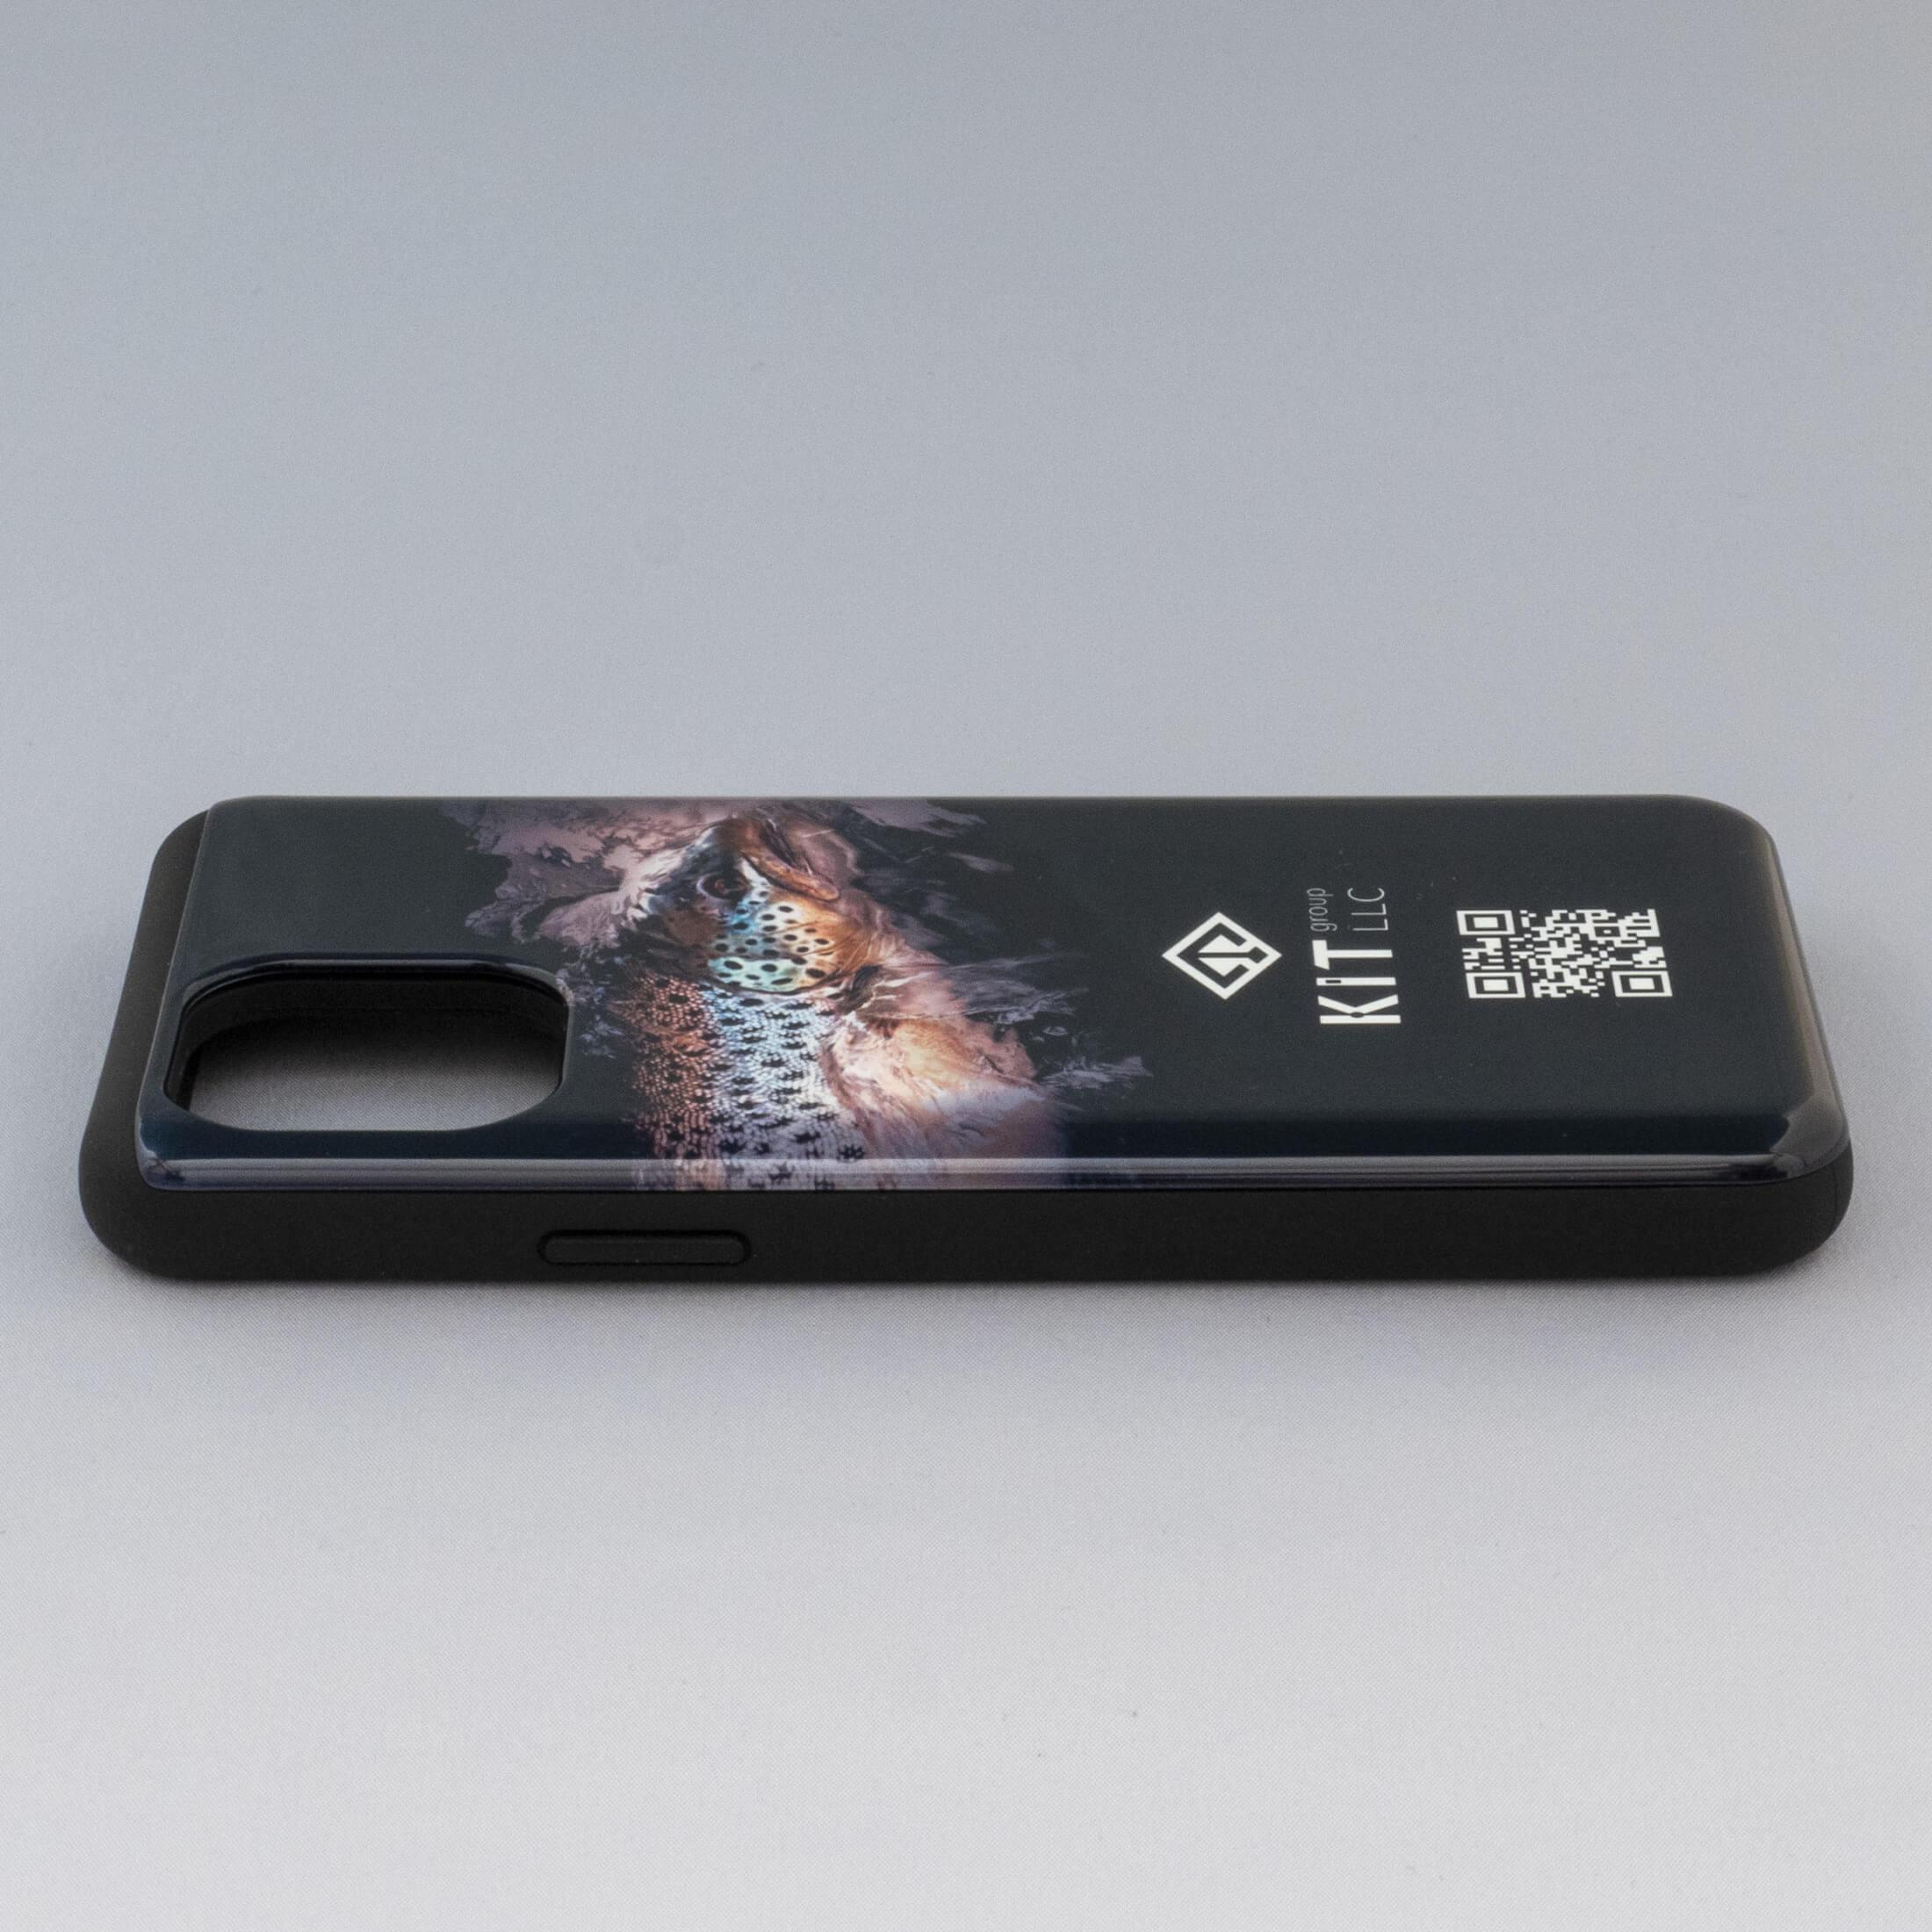 ブラウントラウトのiPhoneケース画像2